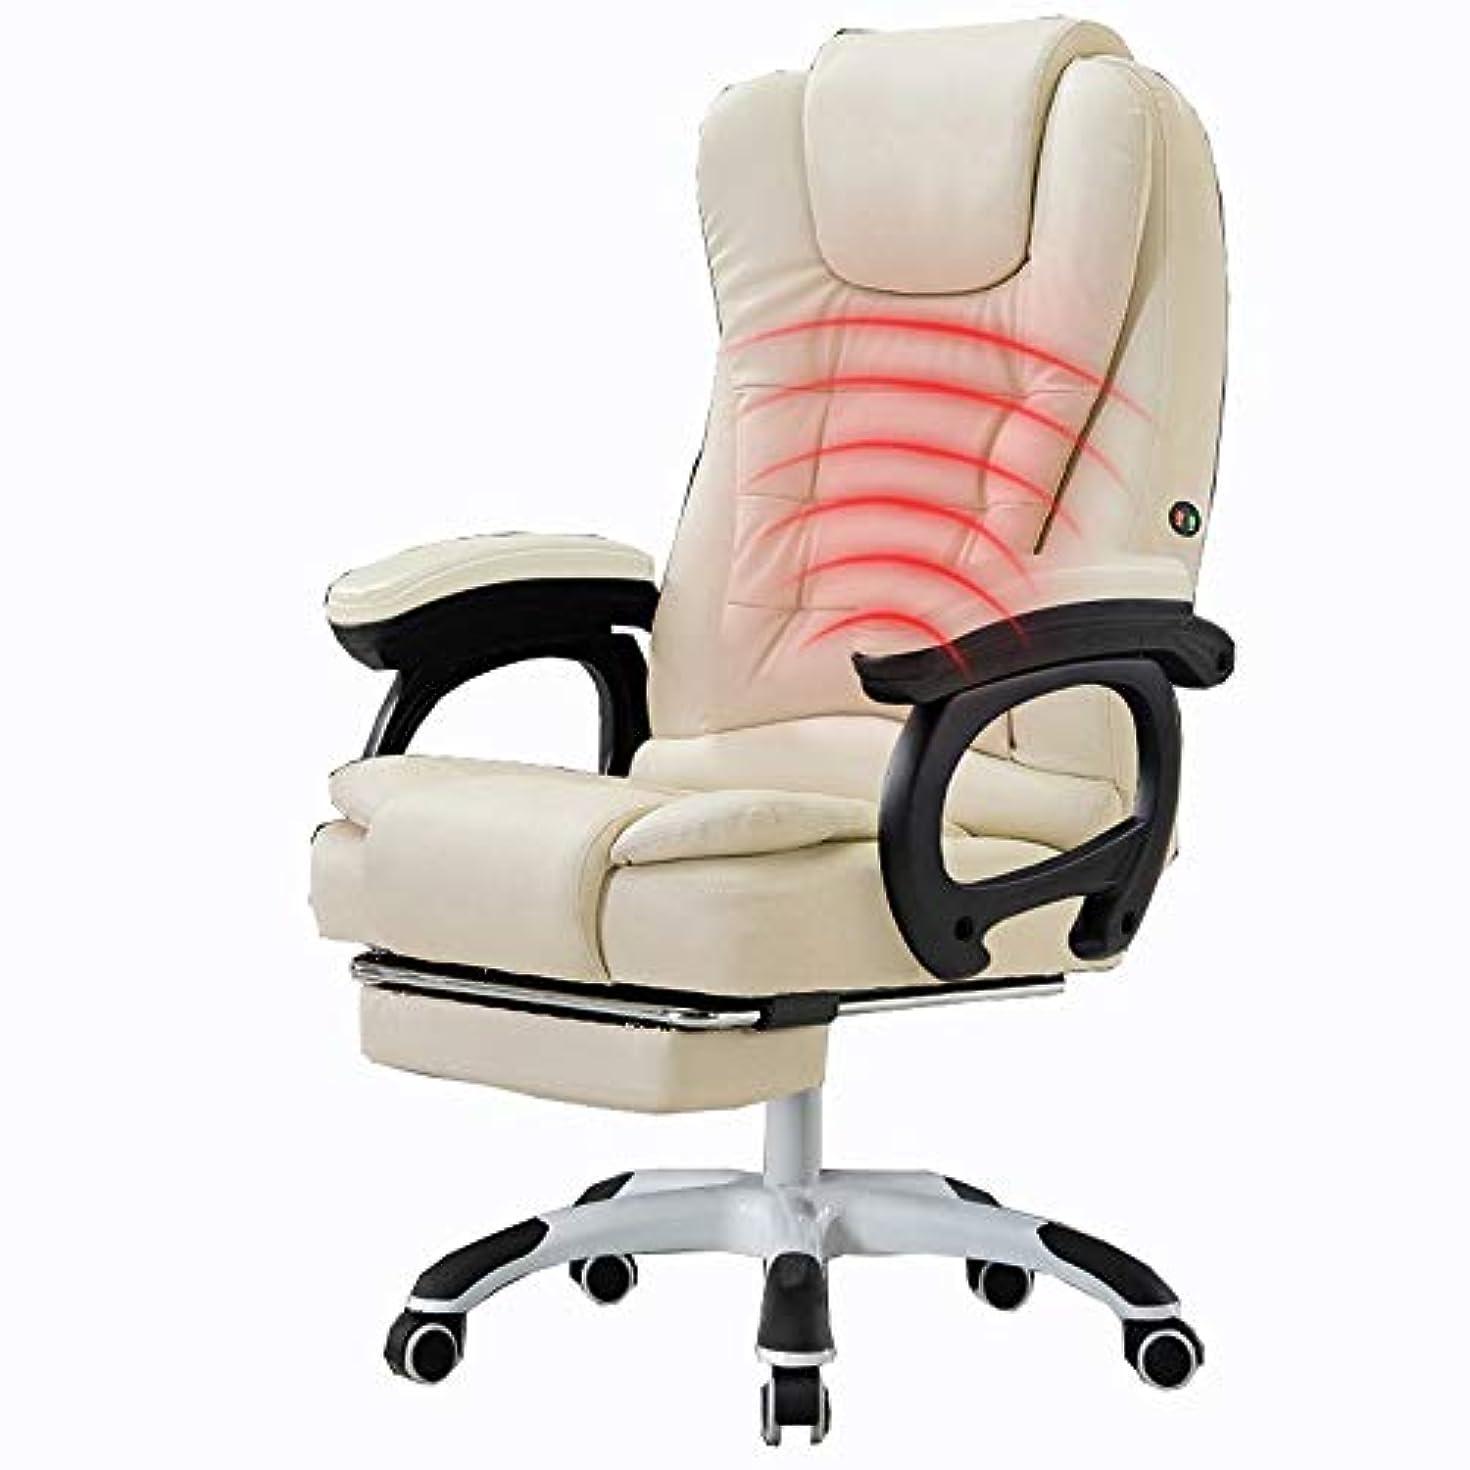 関係ないパトロールベギンLJFYXZ 社長椅子 約160度リクライニング フットレスト 高さ昇降 肉厚クッション ウエストマッサージ レザー ビジネス デスクチェア ベアリング重量150kg (Color : Beige)